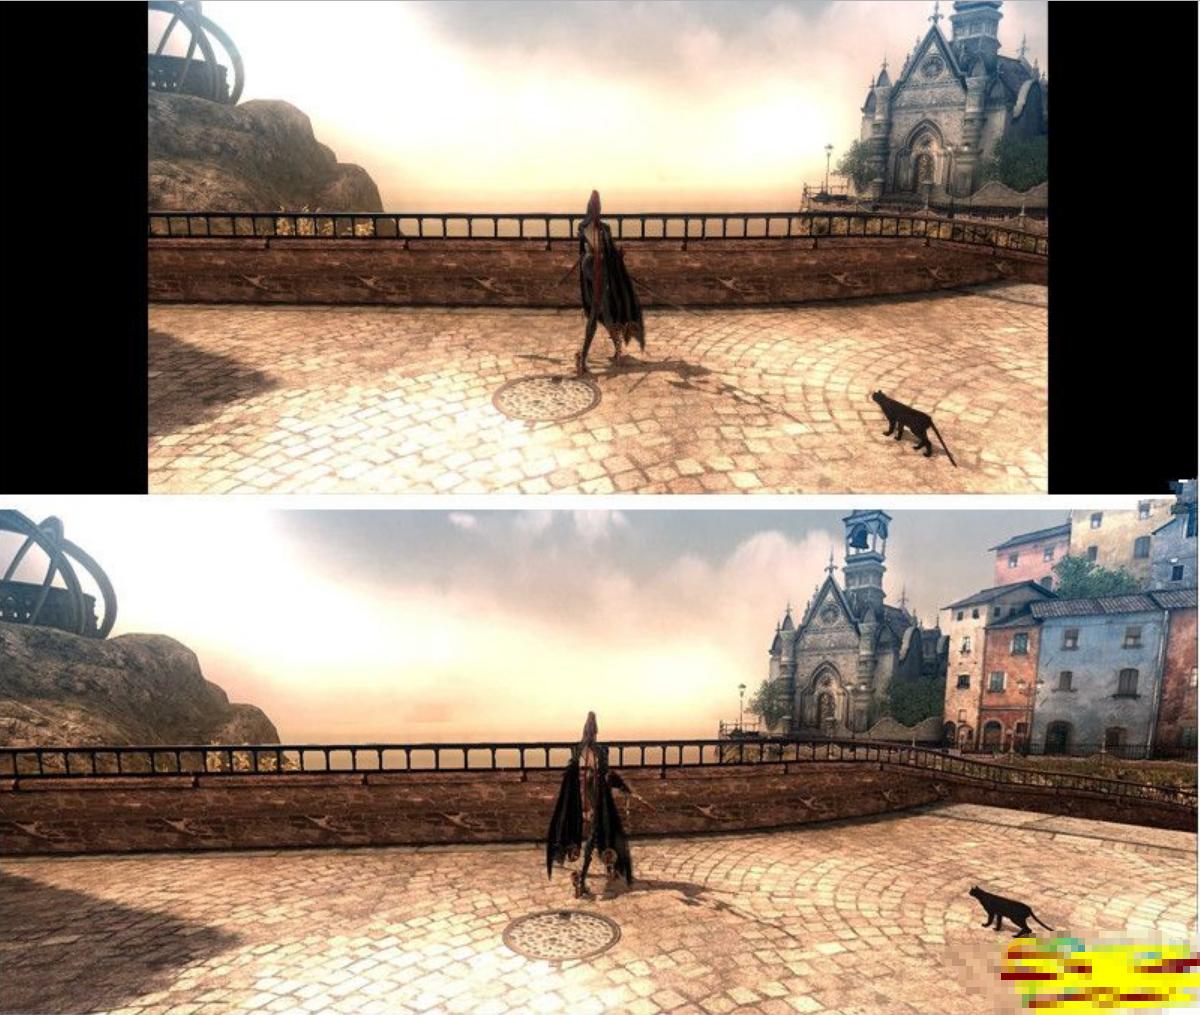 猎天使魔女PC版3440x1440全屏补丁